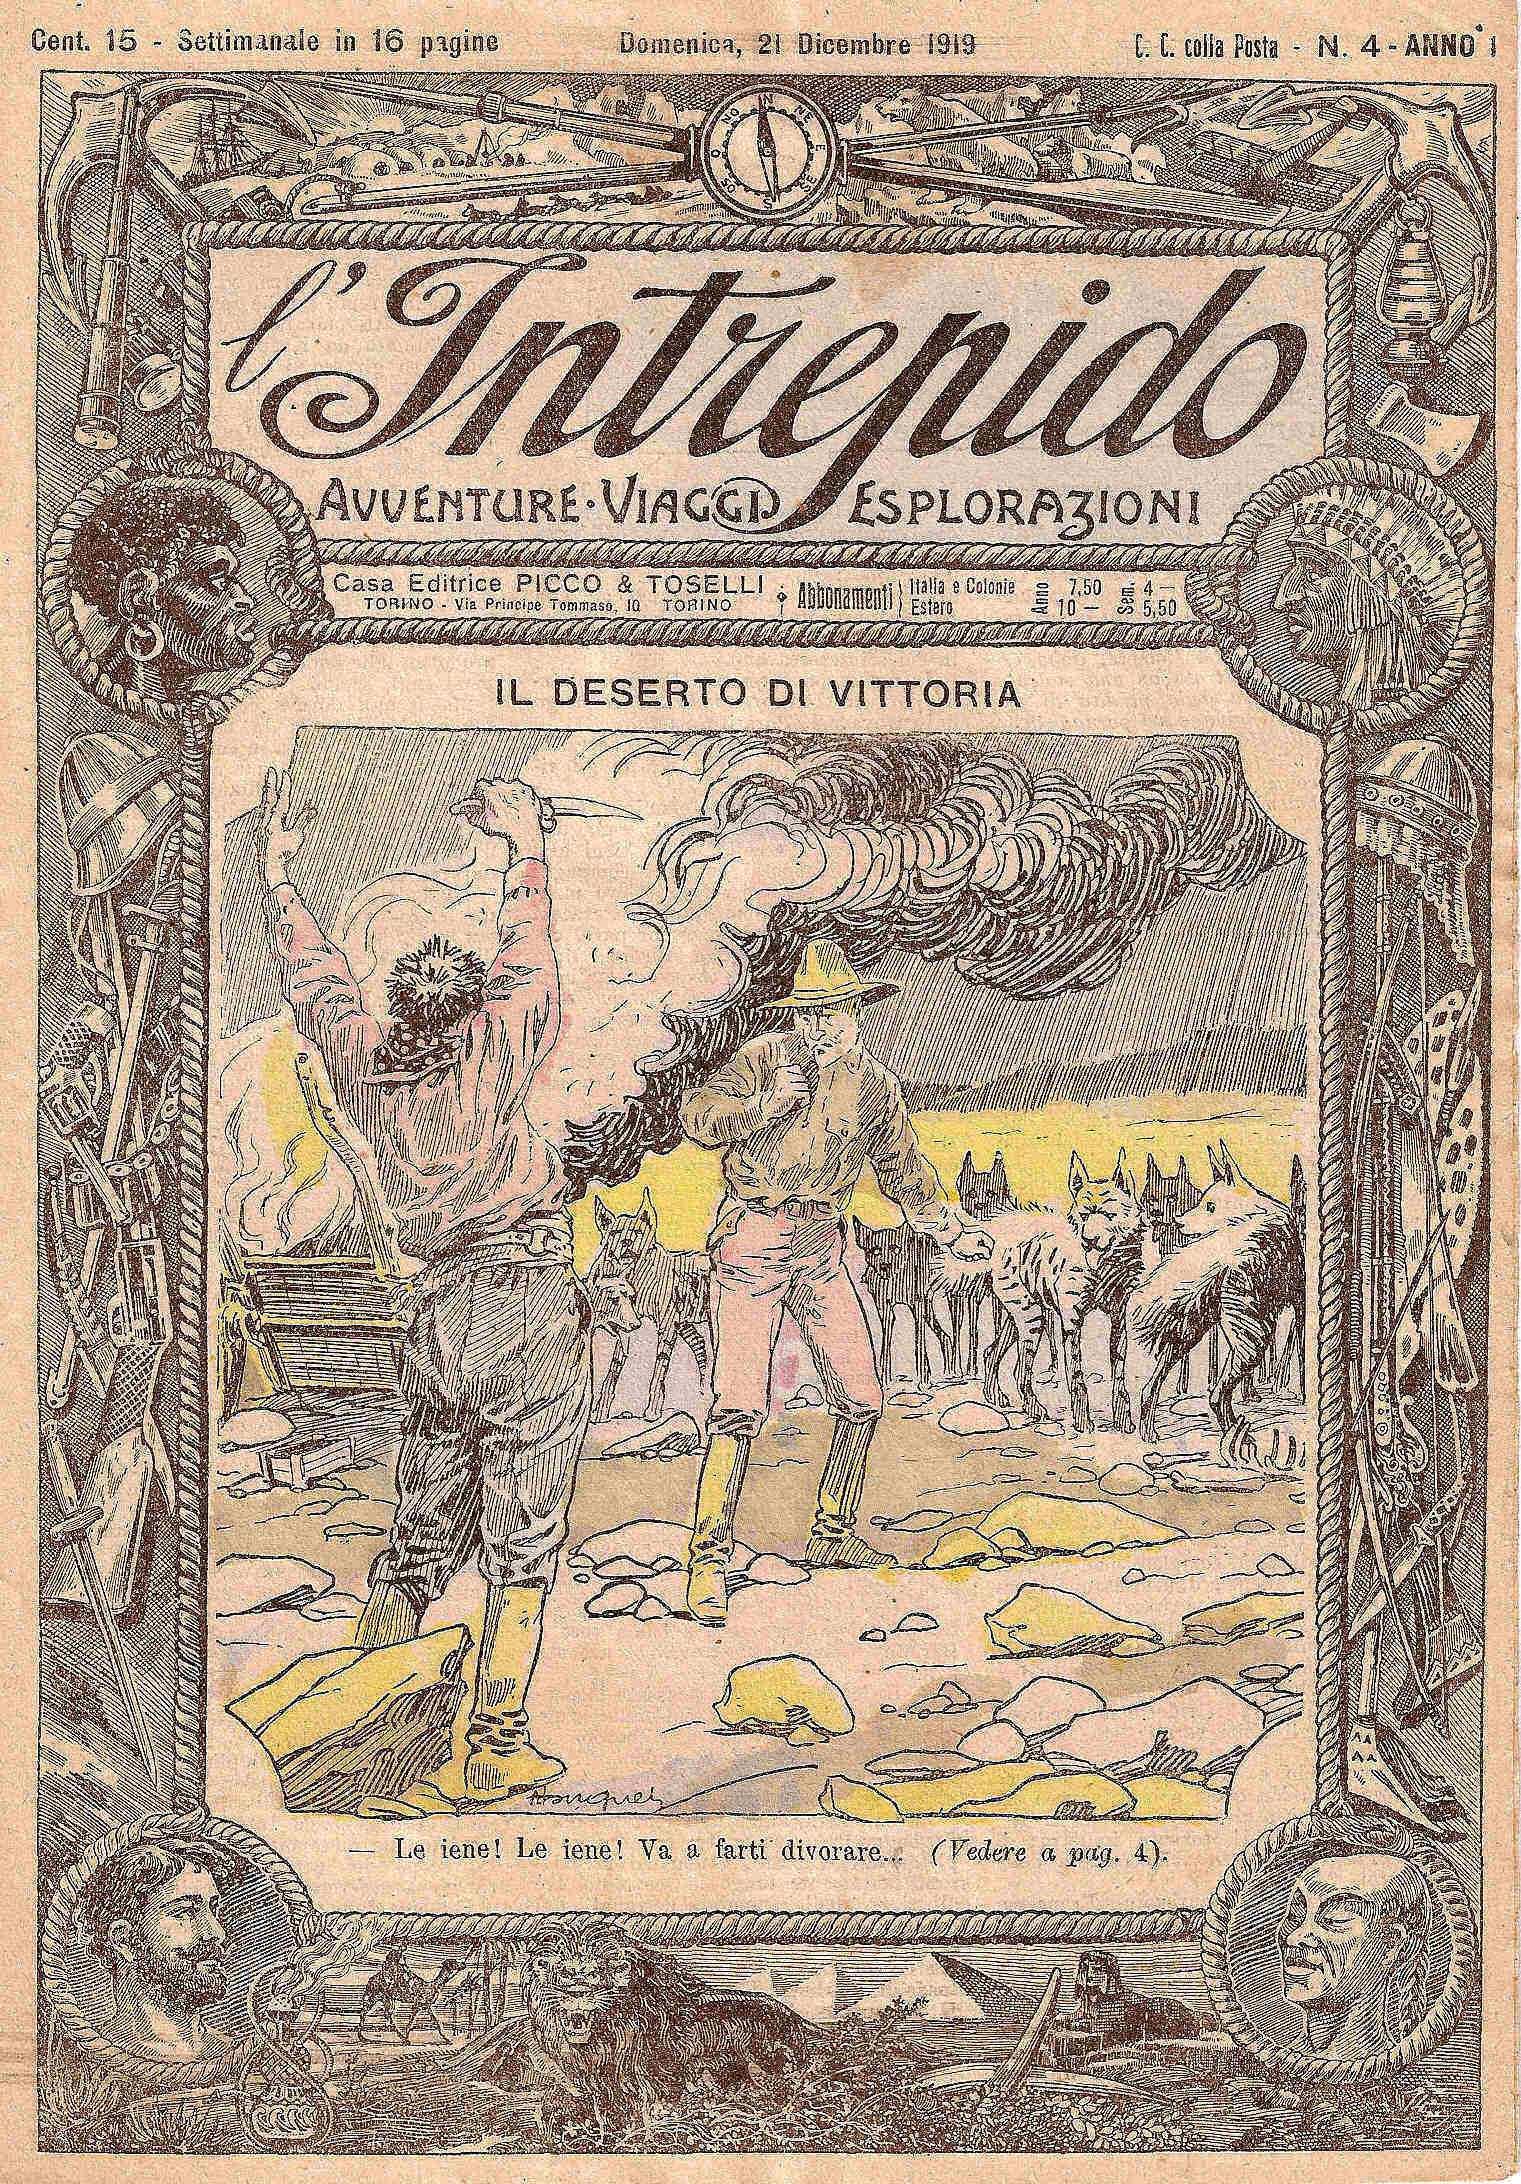 L'INTREPIDO - Avventure Viaggi Esplorazioni (anno I? dal fasc. n. 1 al n. 57)